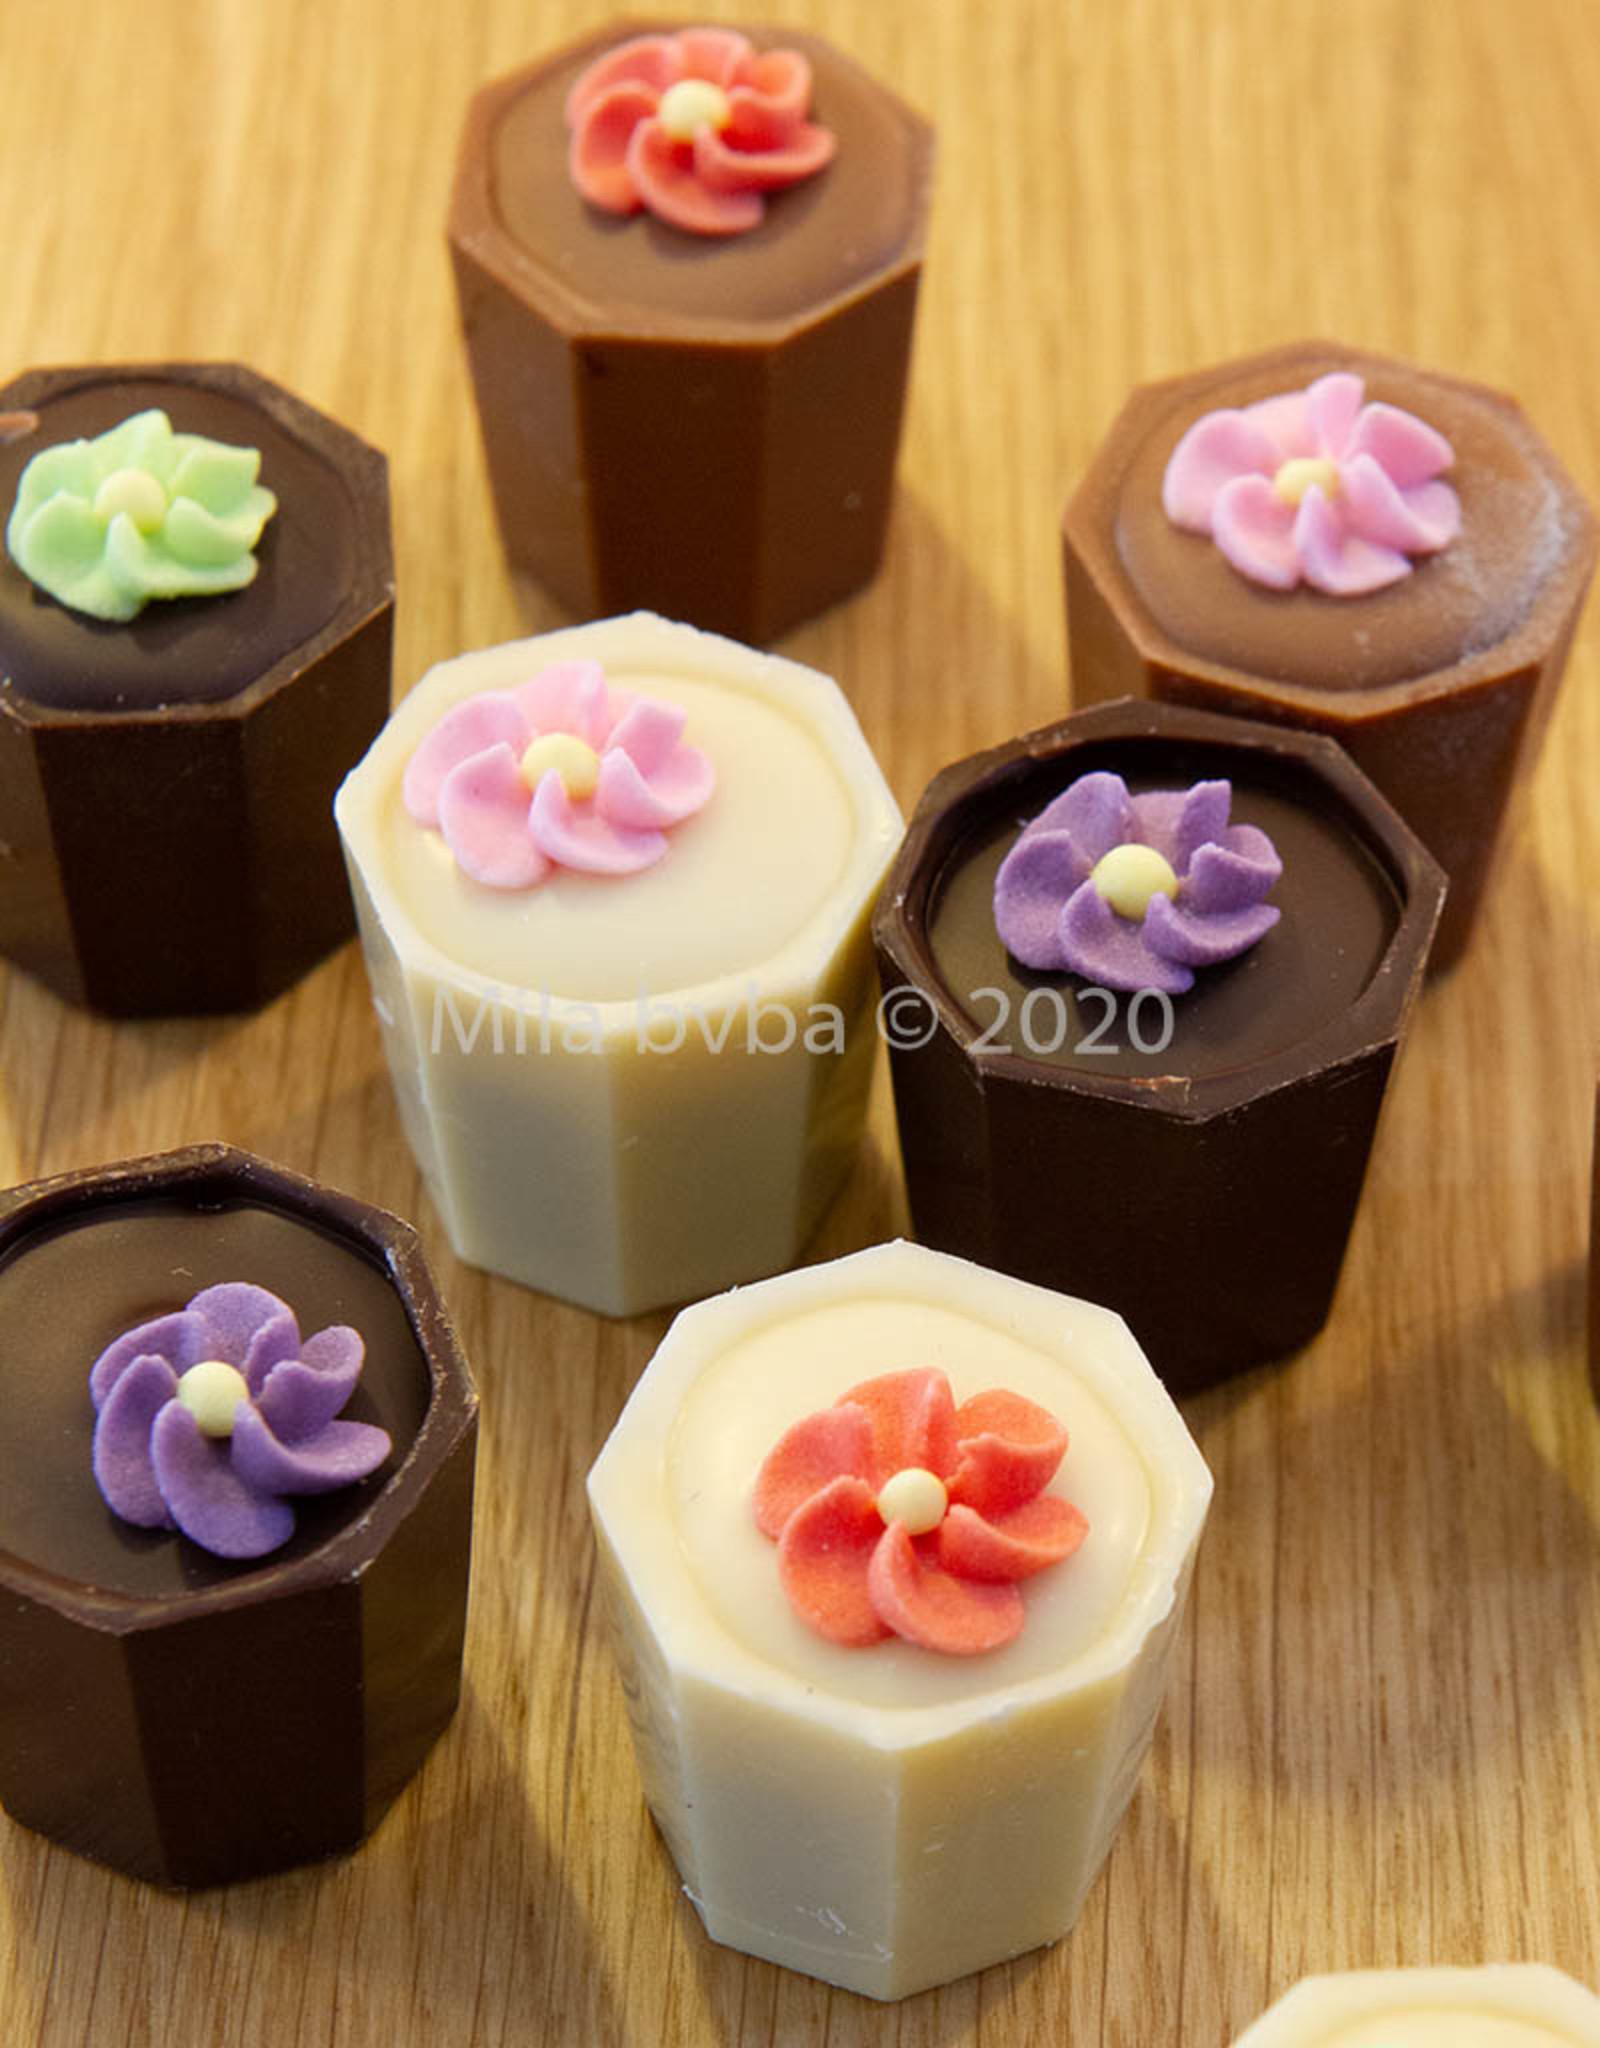 Bloempotjes pralines met verschillende smaken